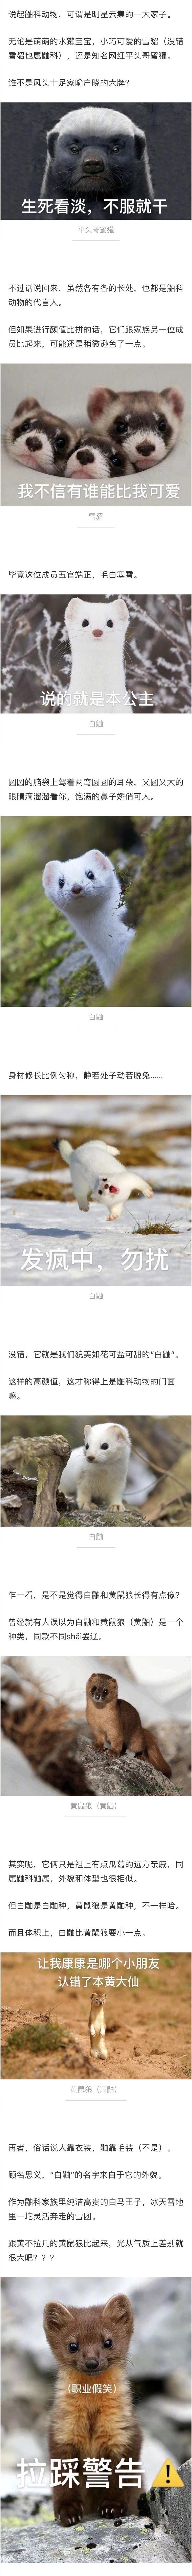 """被誉为""""雪地小精灵""""的白鼬"""